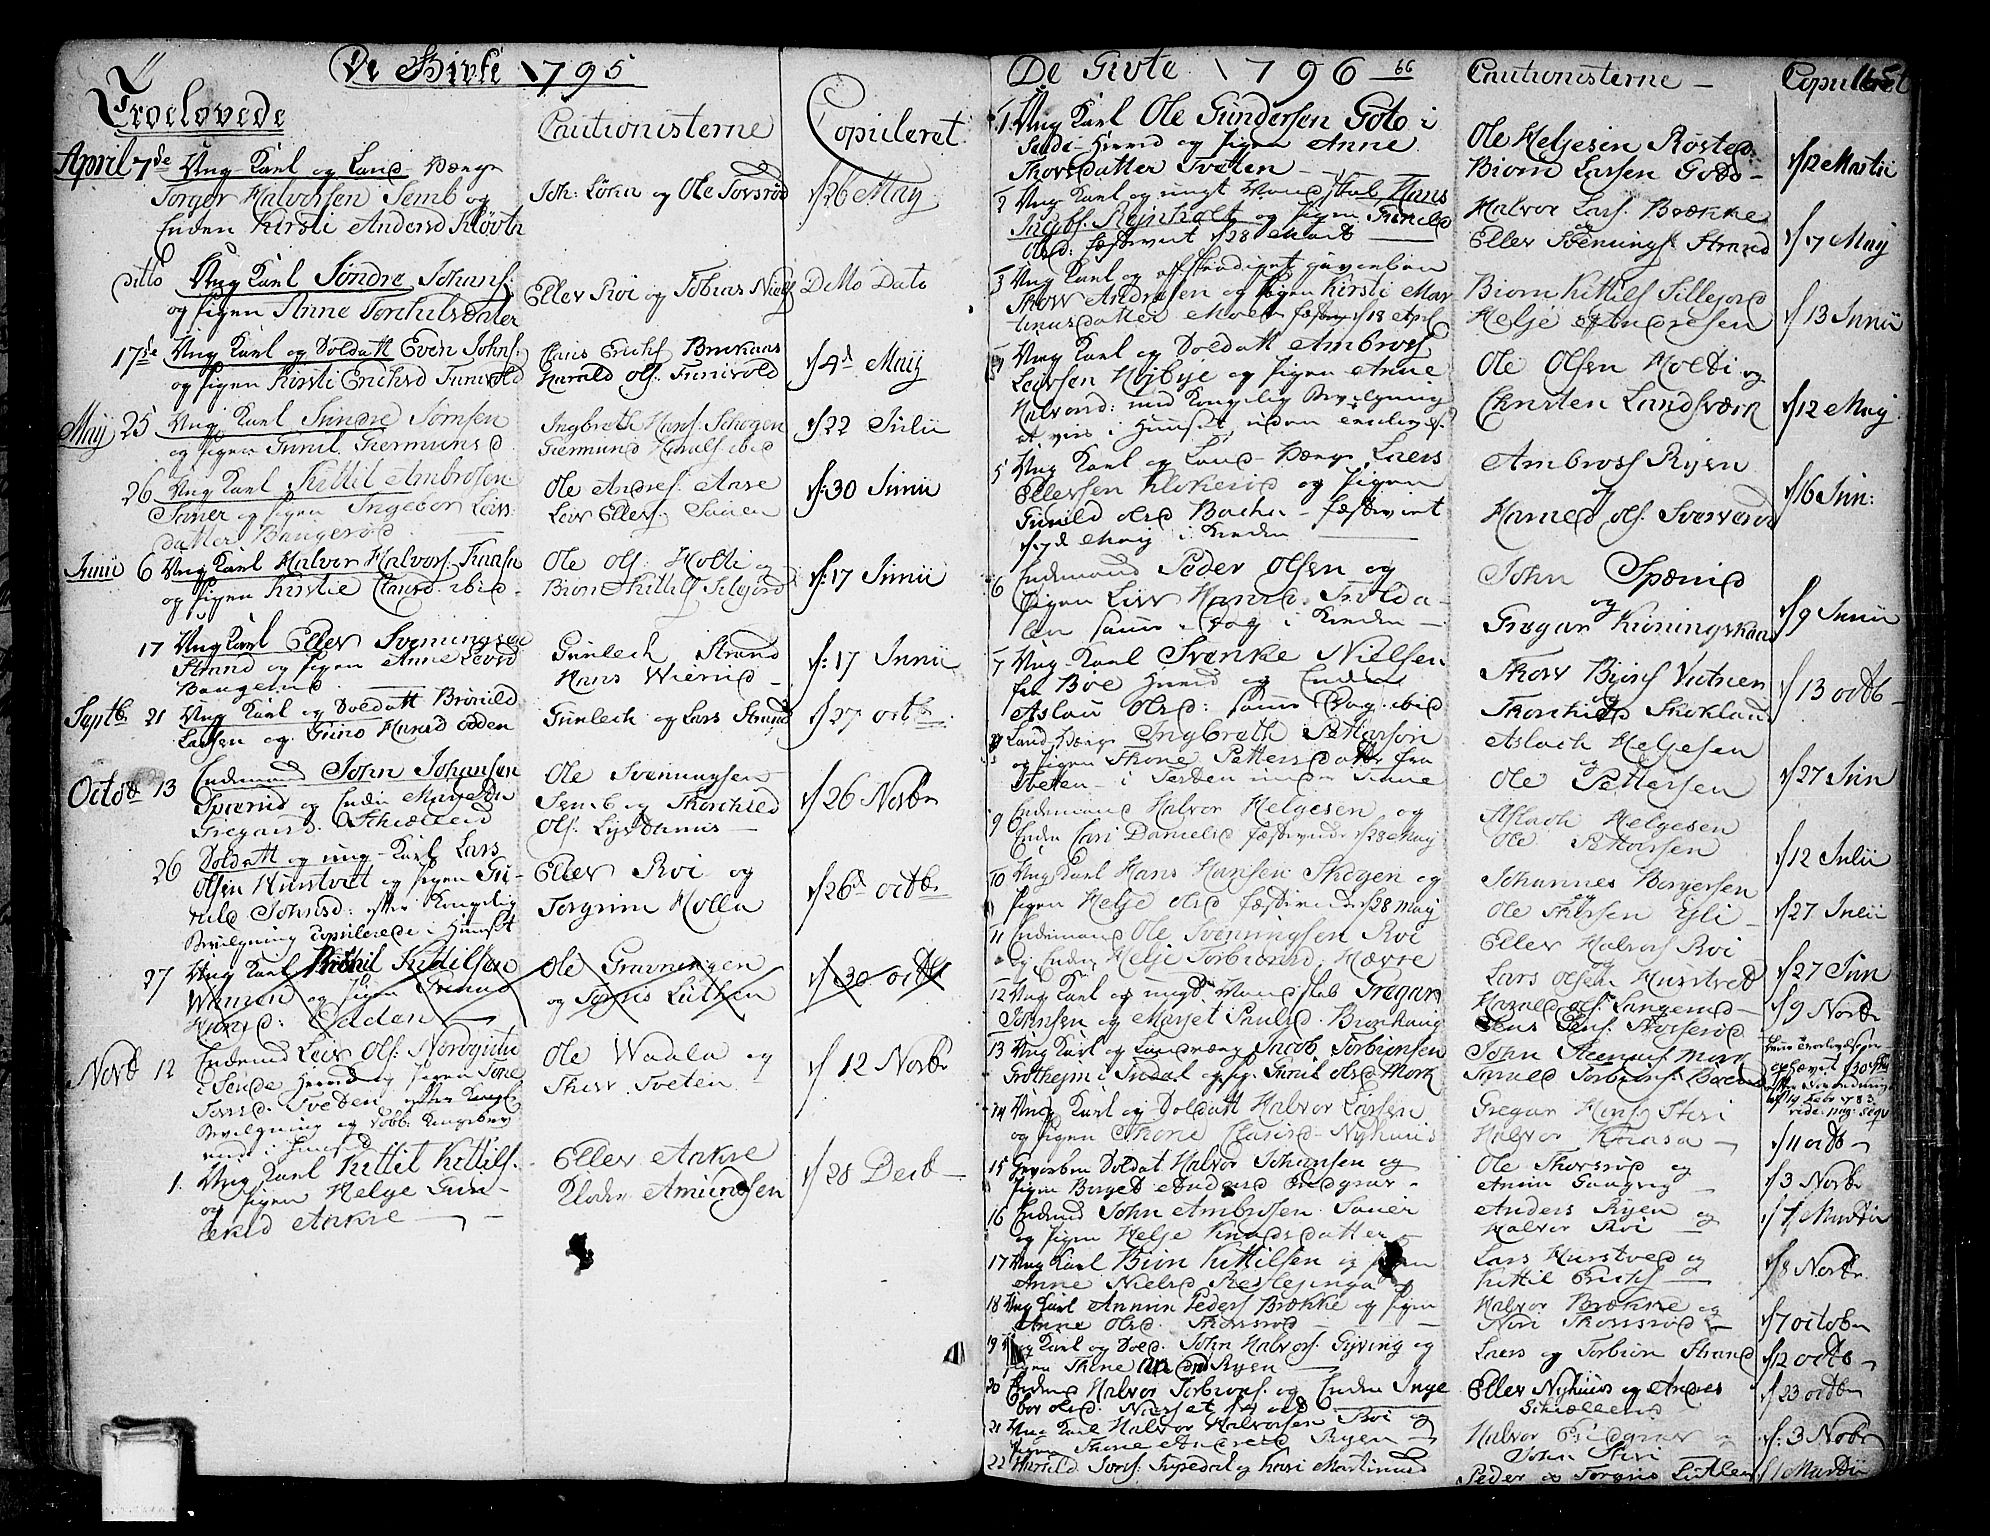 SAKO, Heddal kirkebøker, F/Fa/L0004: Ministerialbok nr. I 4, 1784-1814, s. 165